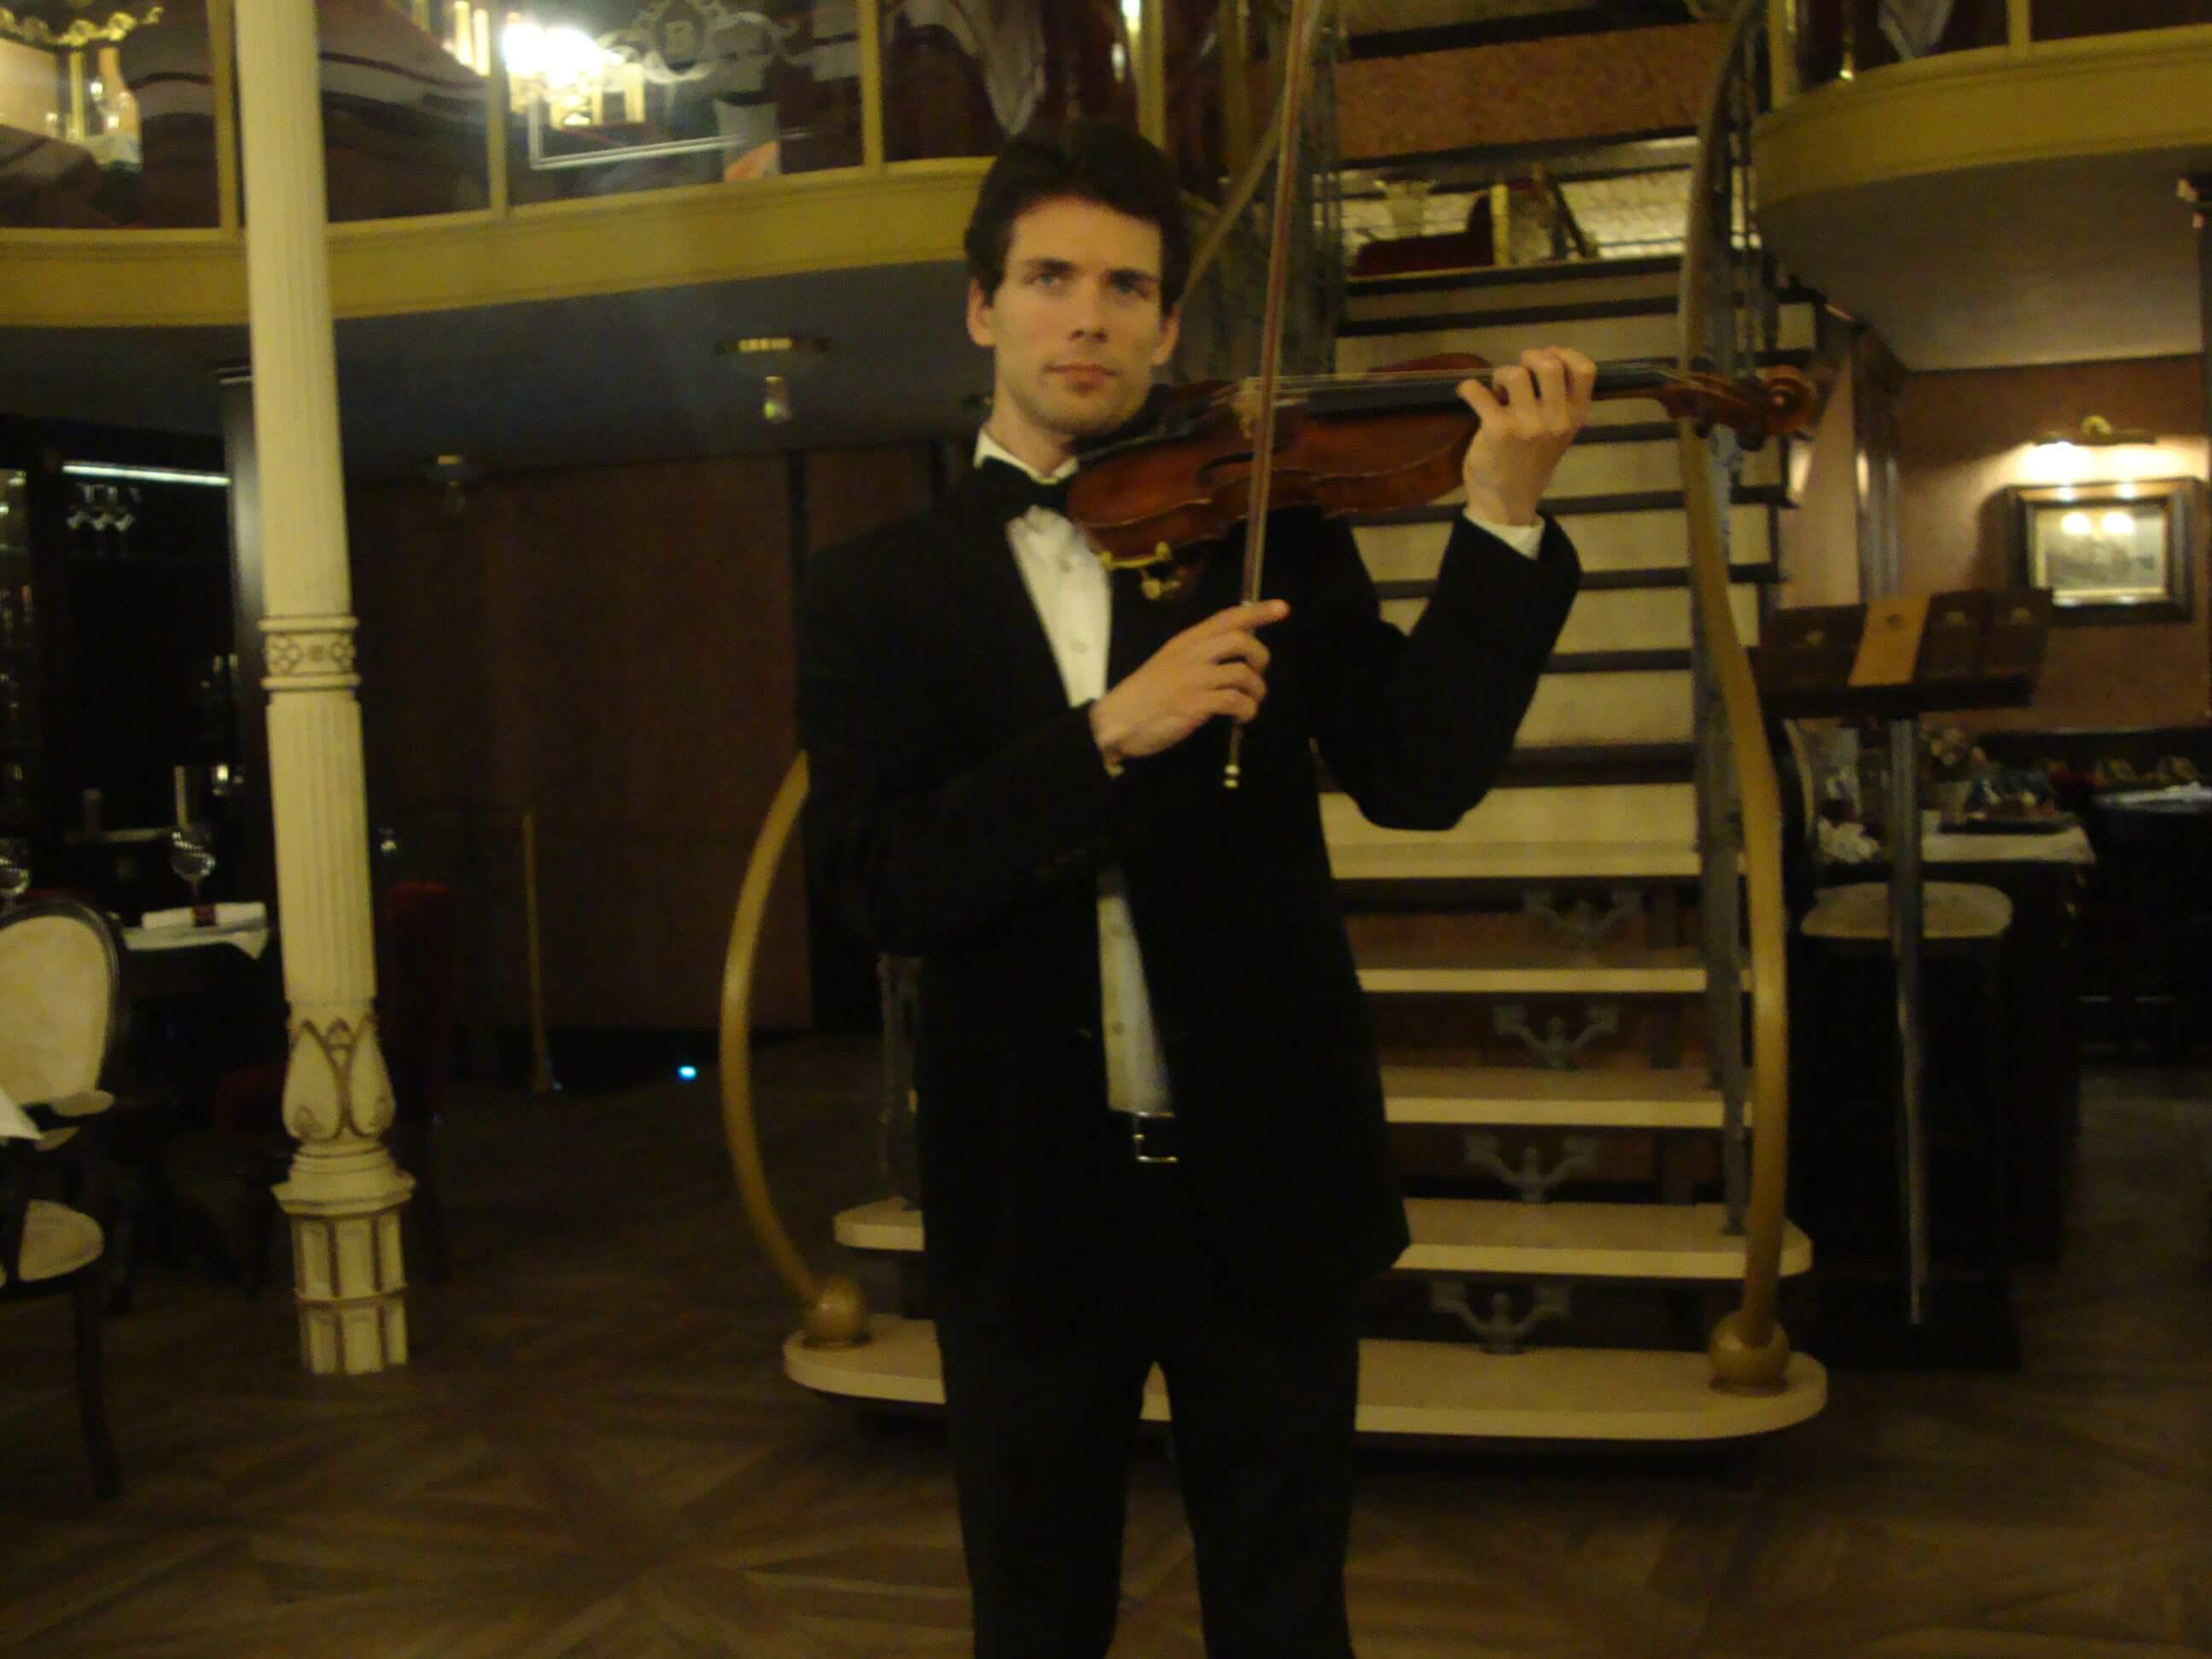 живая скрипка в Одессе, скрипач в Одессе, встреча гостей со скрипкой Одесса